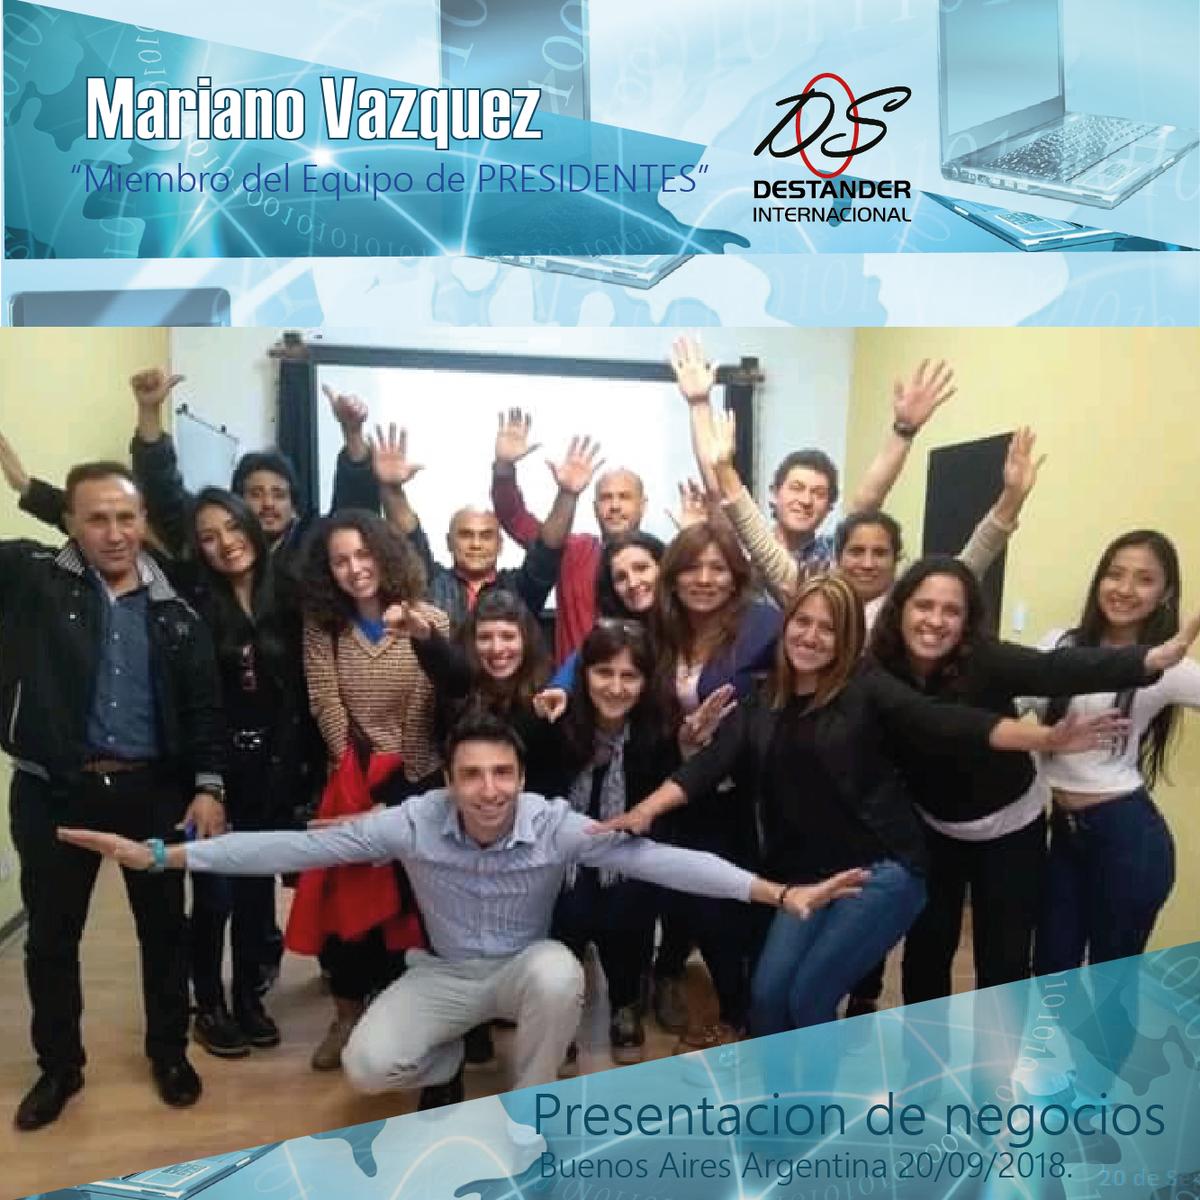 Mariano Vazquez @MentorAlExito Miembros del equipo de Presidentes de @DESTANDEROnLine En su presentación de negocios. Buenos aires, Argentina 20/09/2018. https://t.co/dXUhFTmVDx